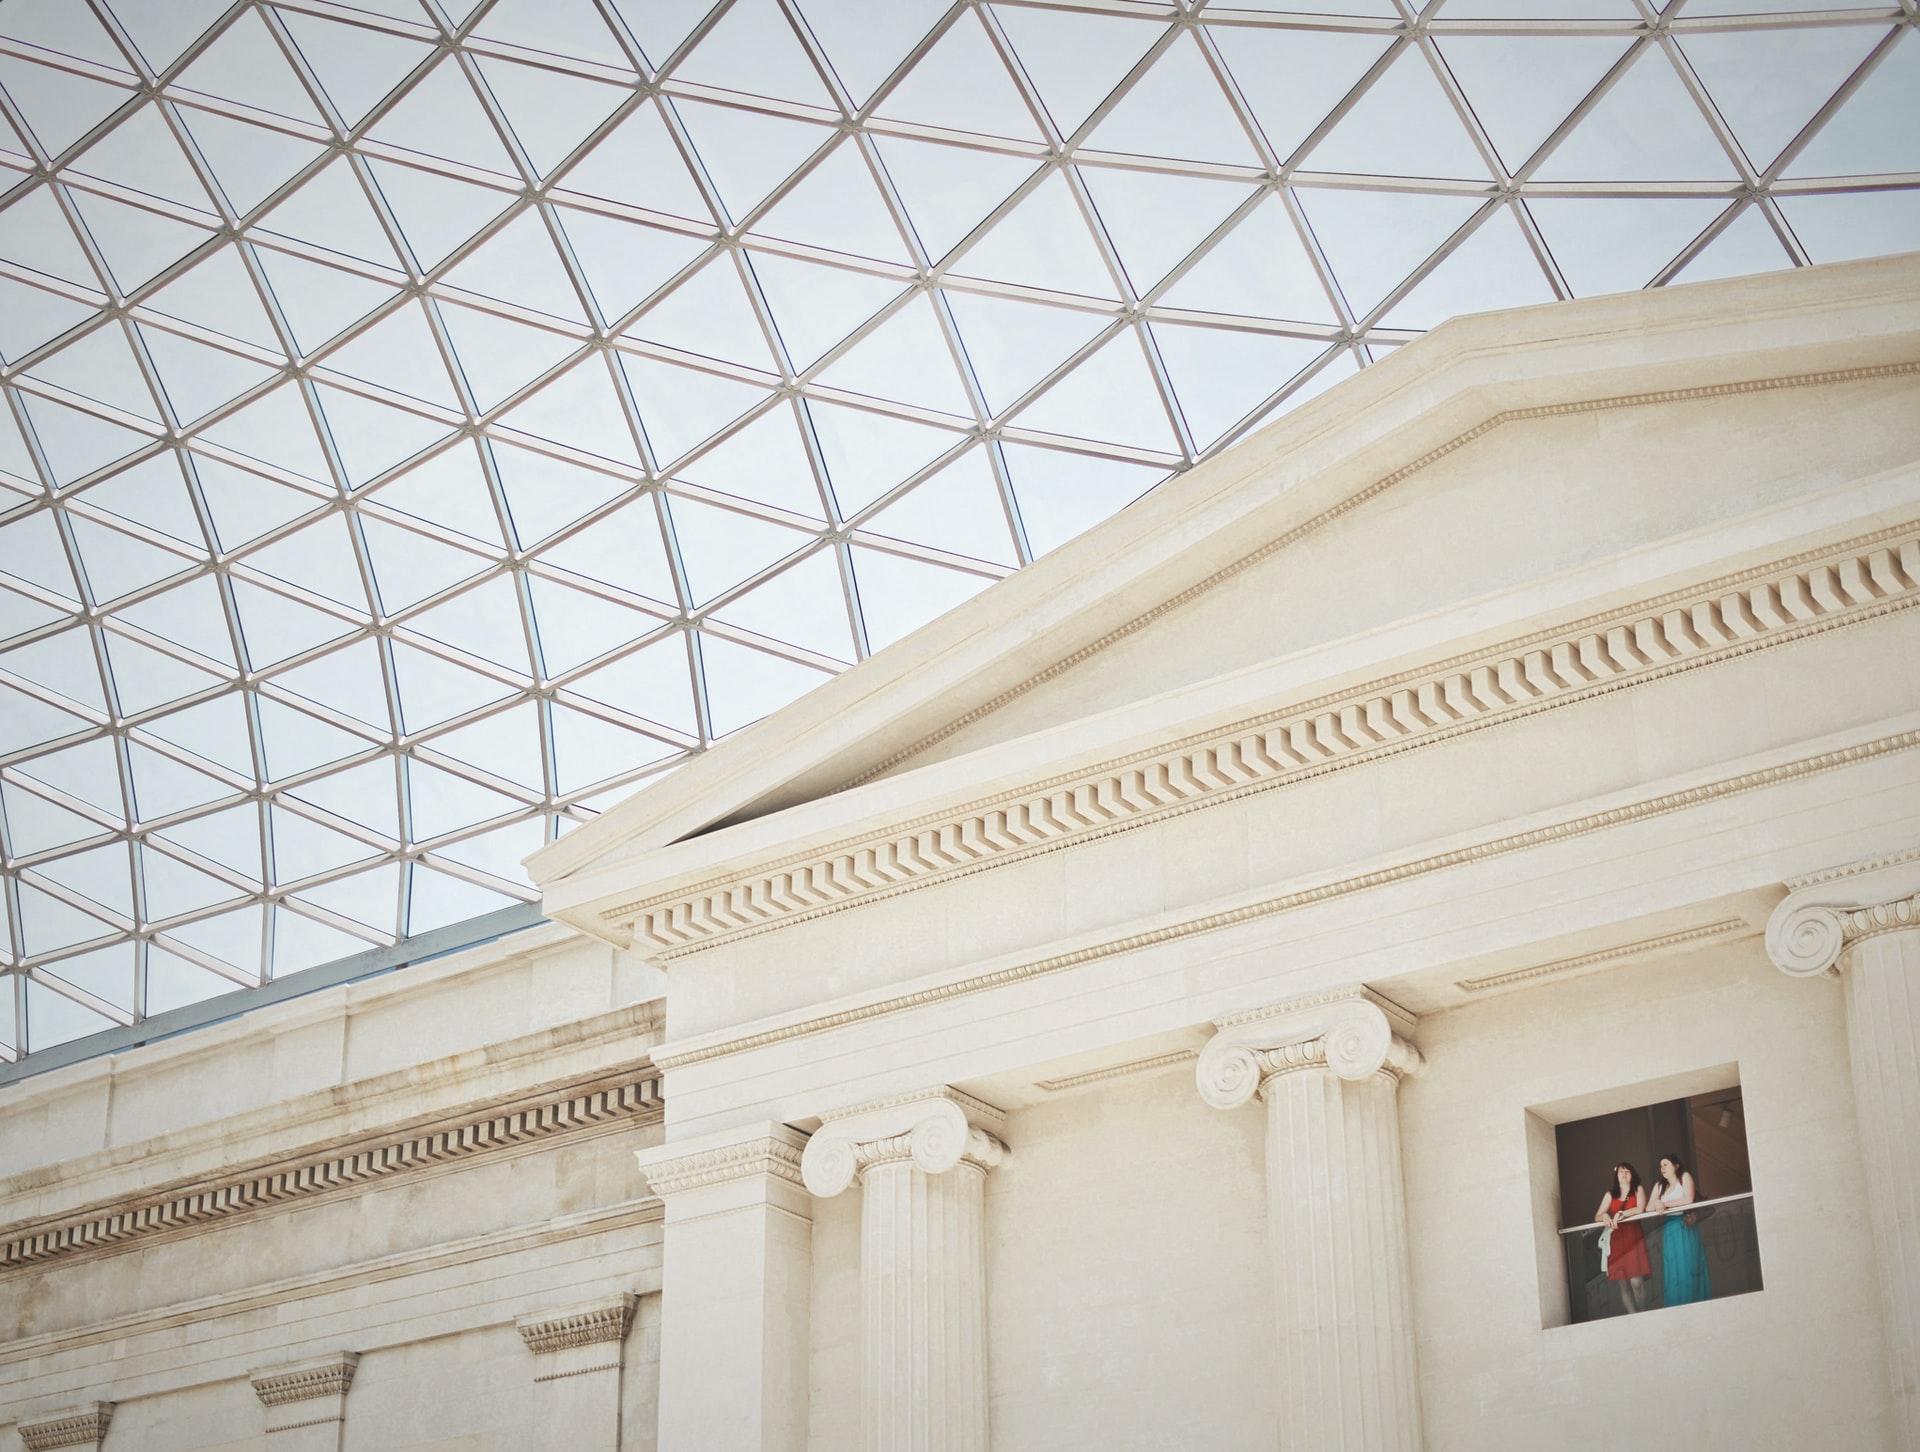 Hall del British Museum. Contrasta el estilo neoclásico de la fachada con un techo que cubre todo el hall construido mediante una estructura metálica triangular y vidrio